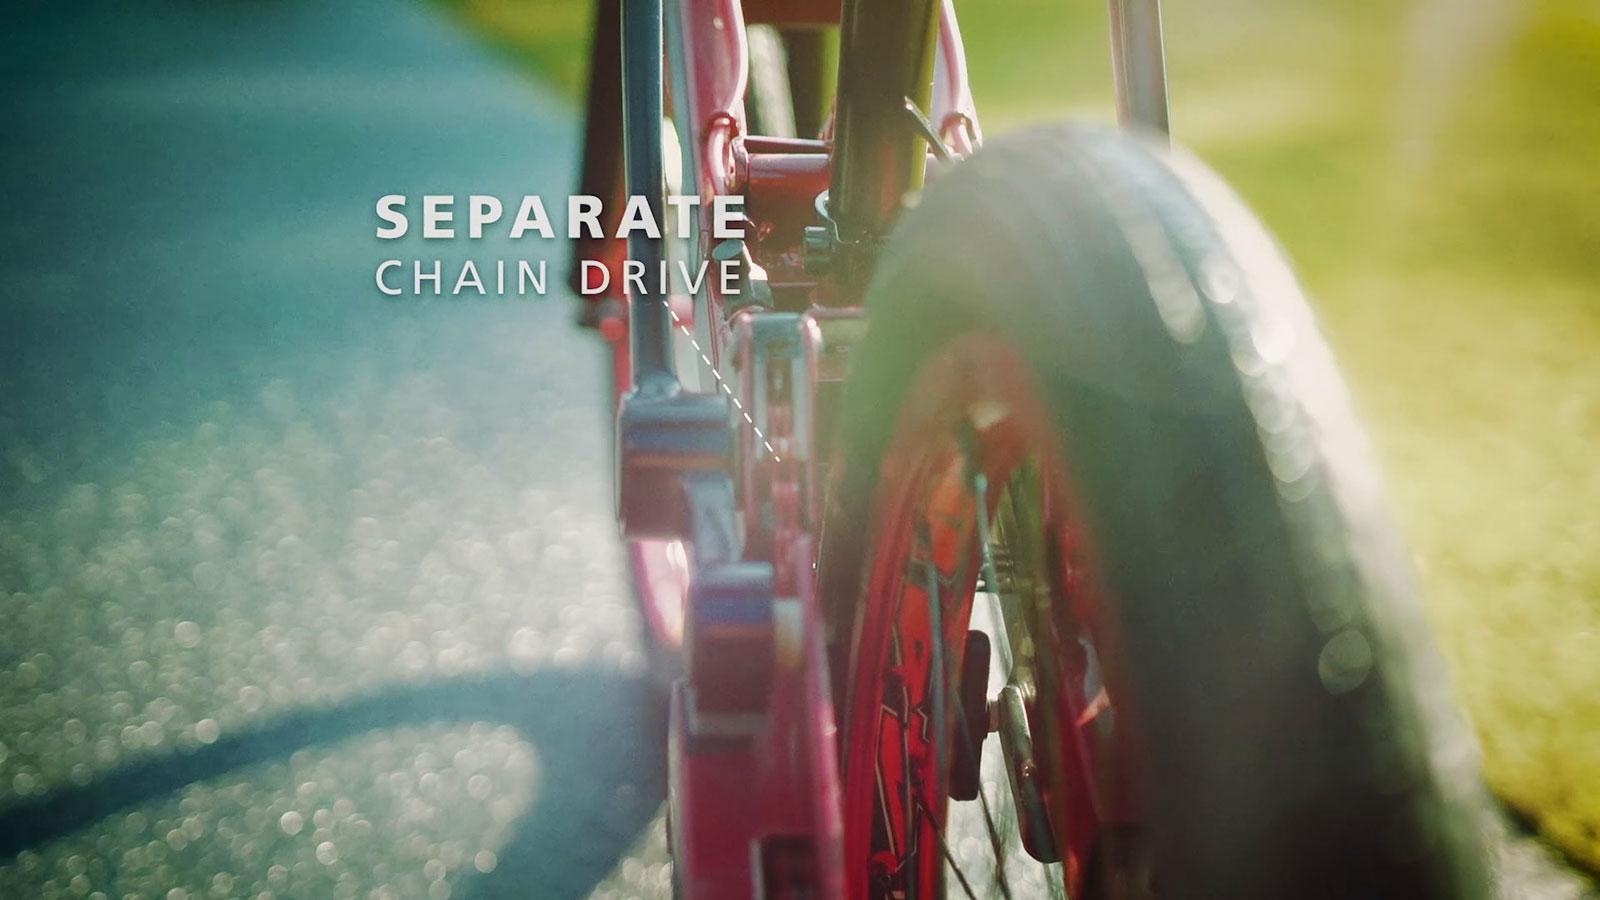 filmproducties close-up-fiets-opname-film-promotie-laten-maken-in-breda--video-productie-bedrijf